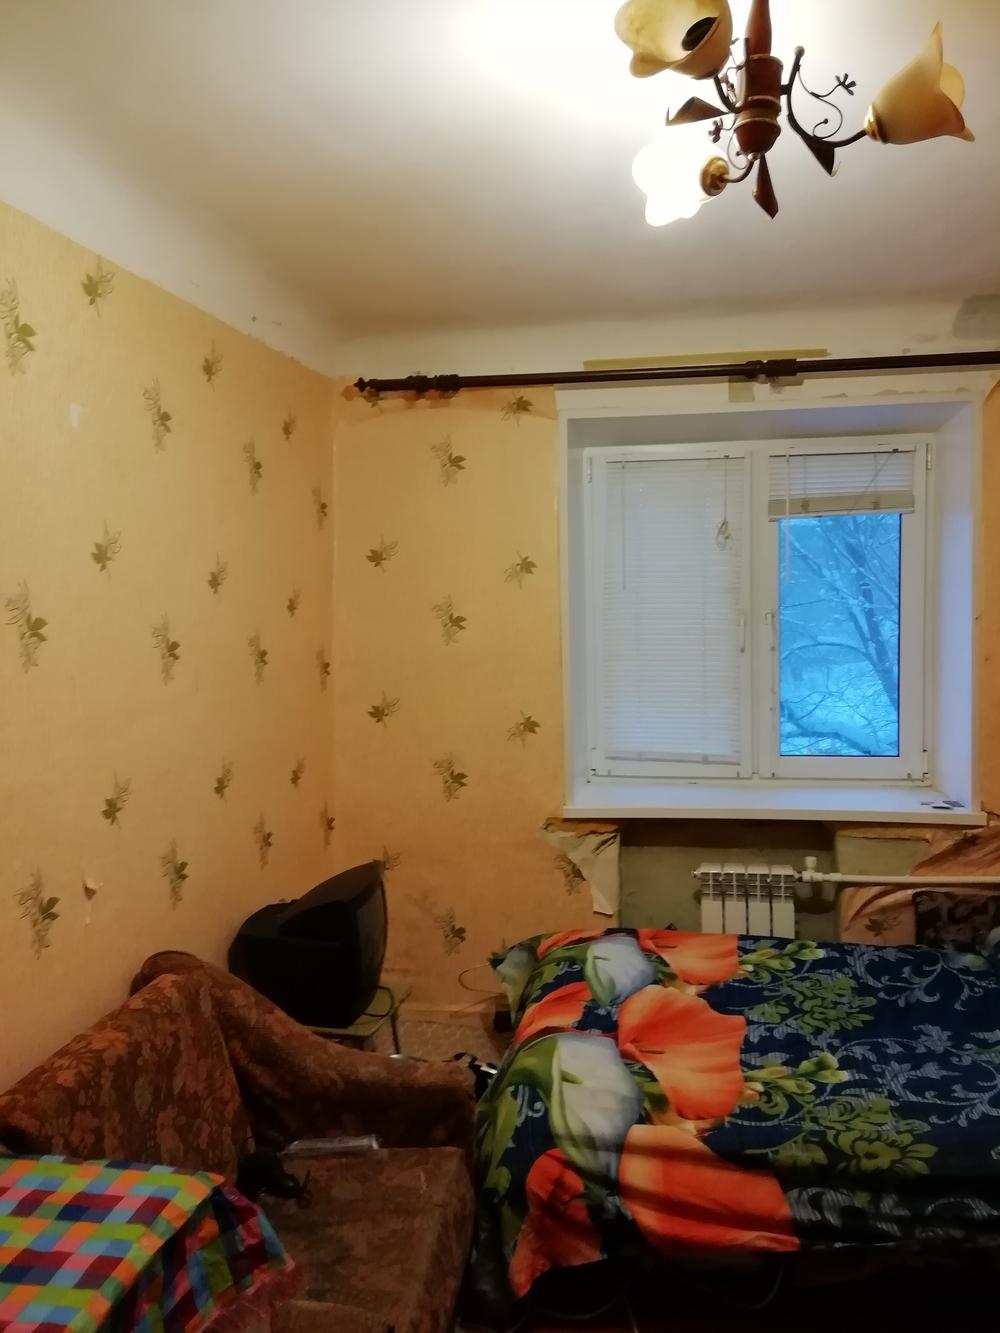 Продам 6 комнат[у,ы] в городе Саратов, на улице Зои Космодемьянской, 3-этаж 5-этажного Кирпич дома, площадь: 11/11/0 м2